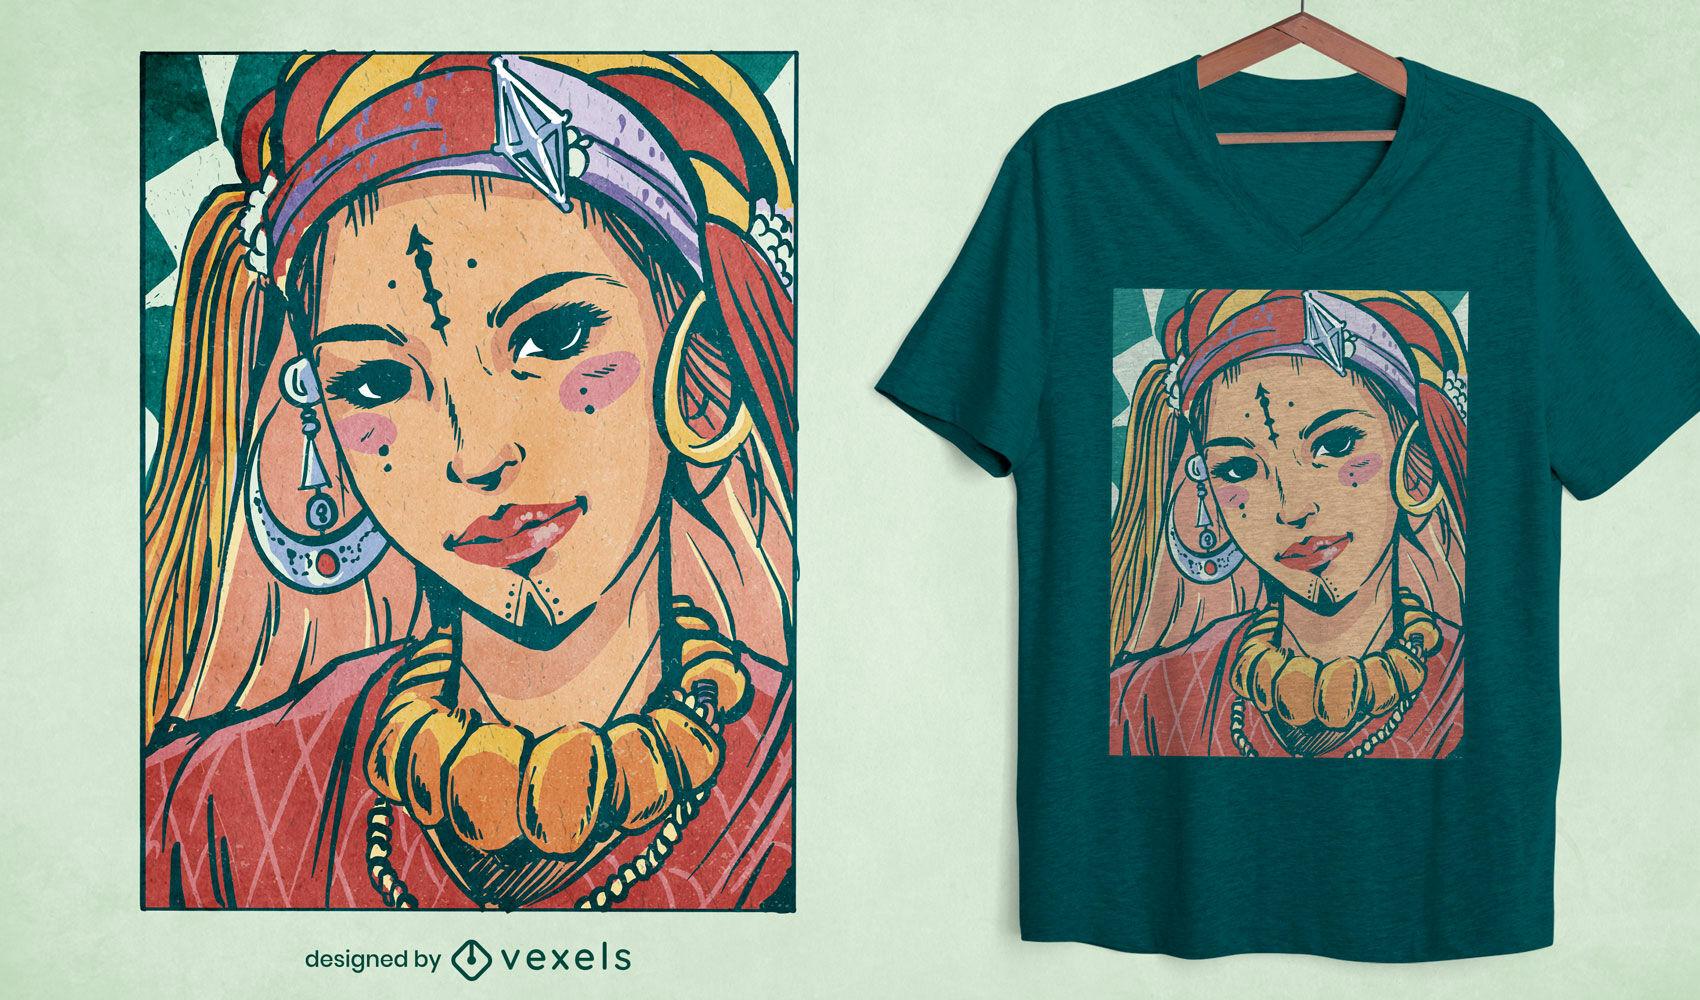 Berber girl portrait illustration t-shirt design